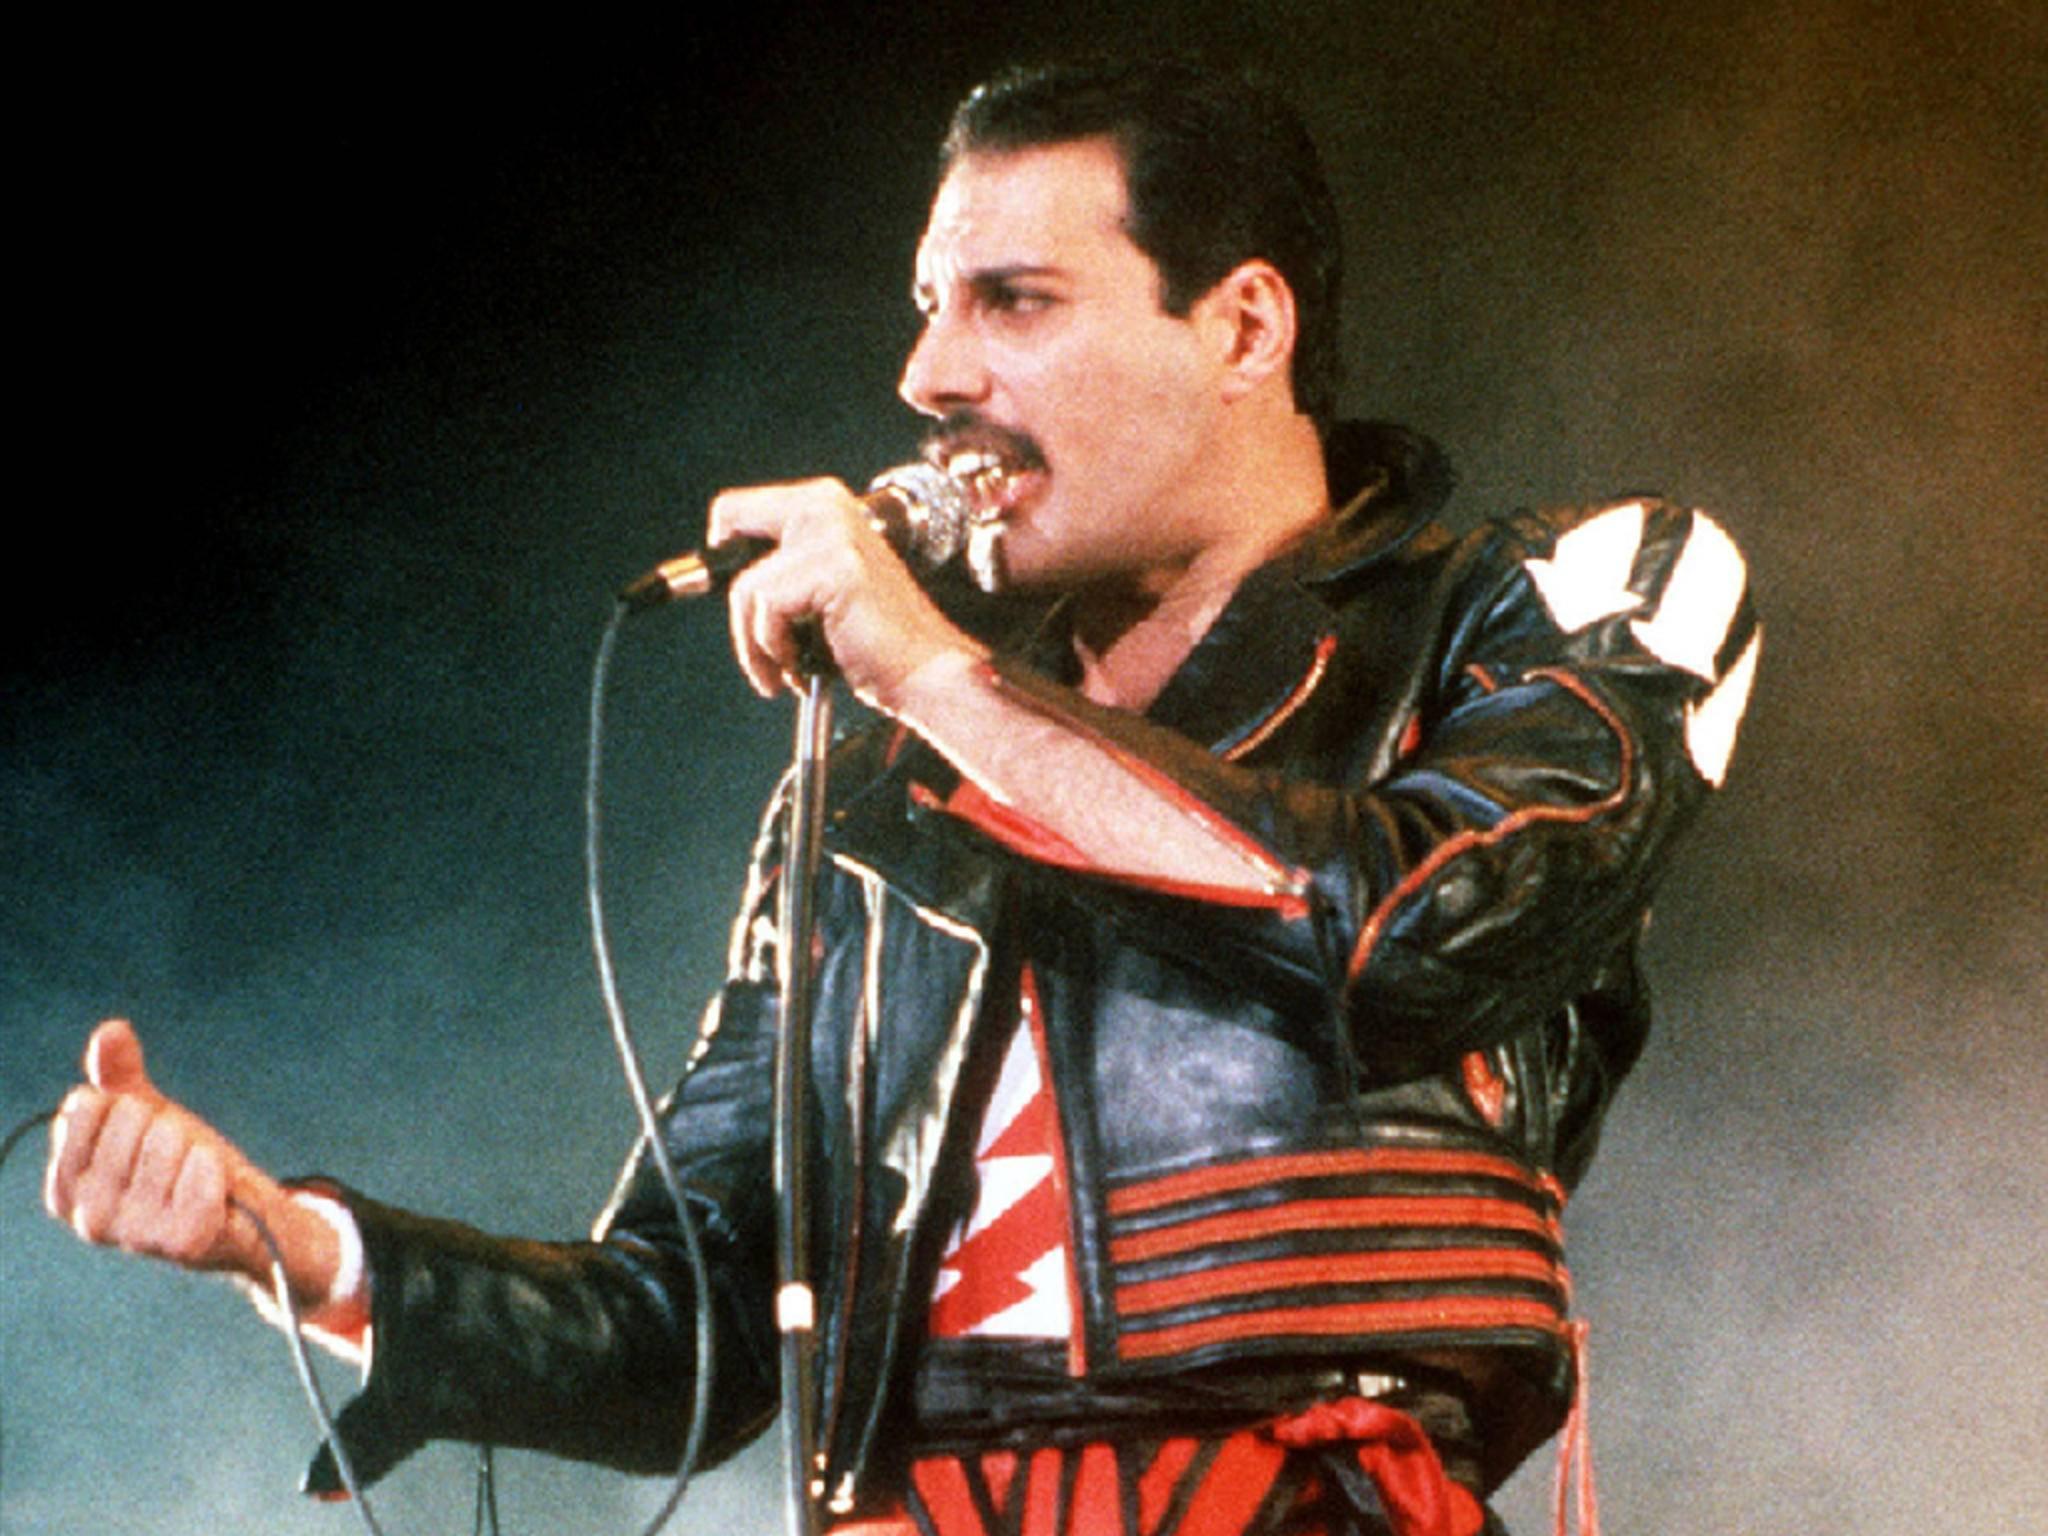 Seit dem 5. September als Asteroid im All unterwegs: Freddie Mercury